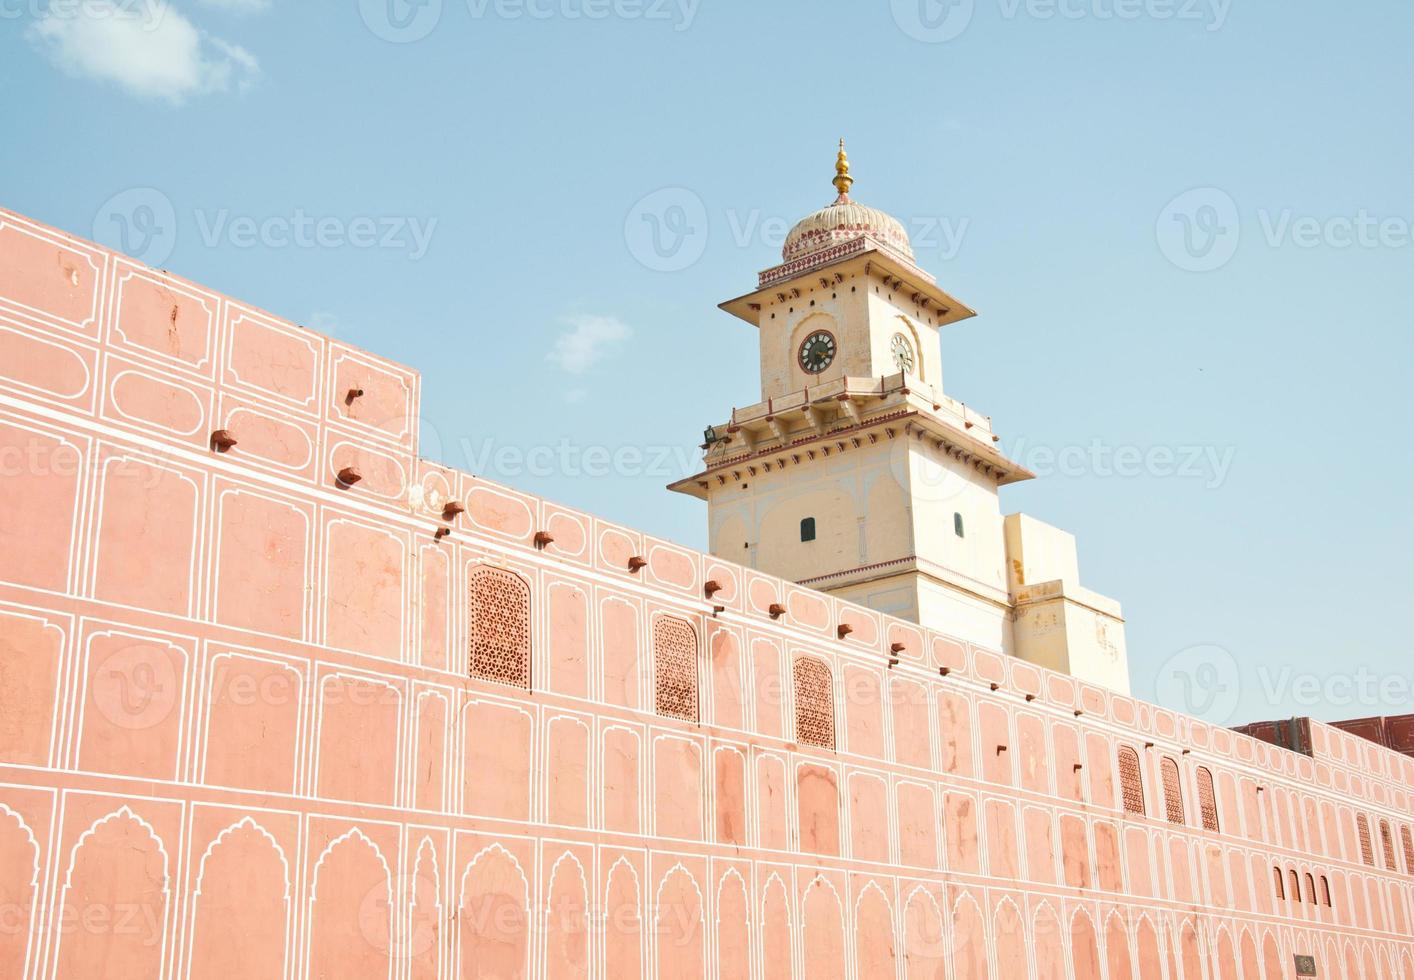 templo de govind devji no palácio da cidade foto